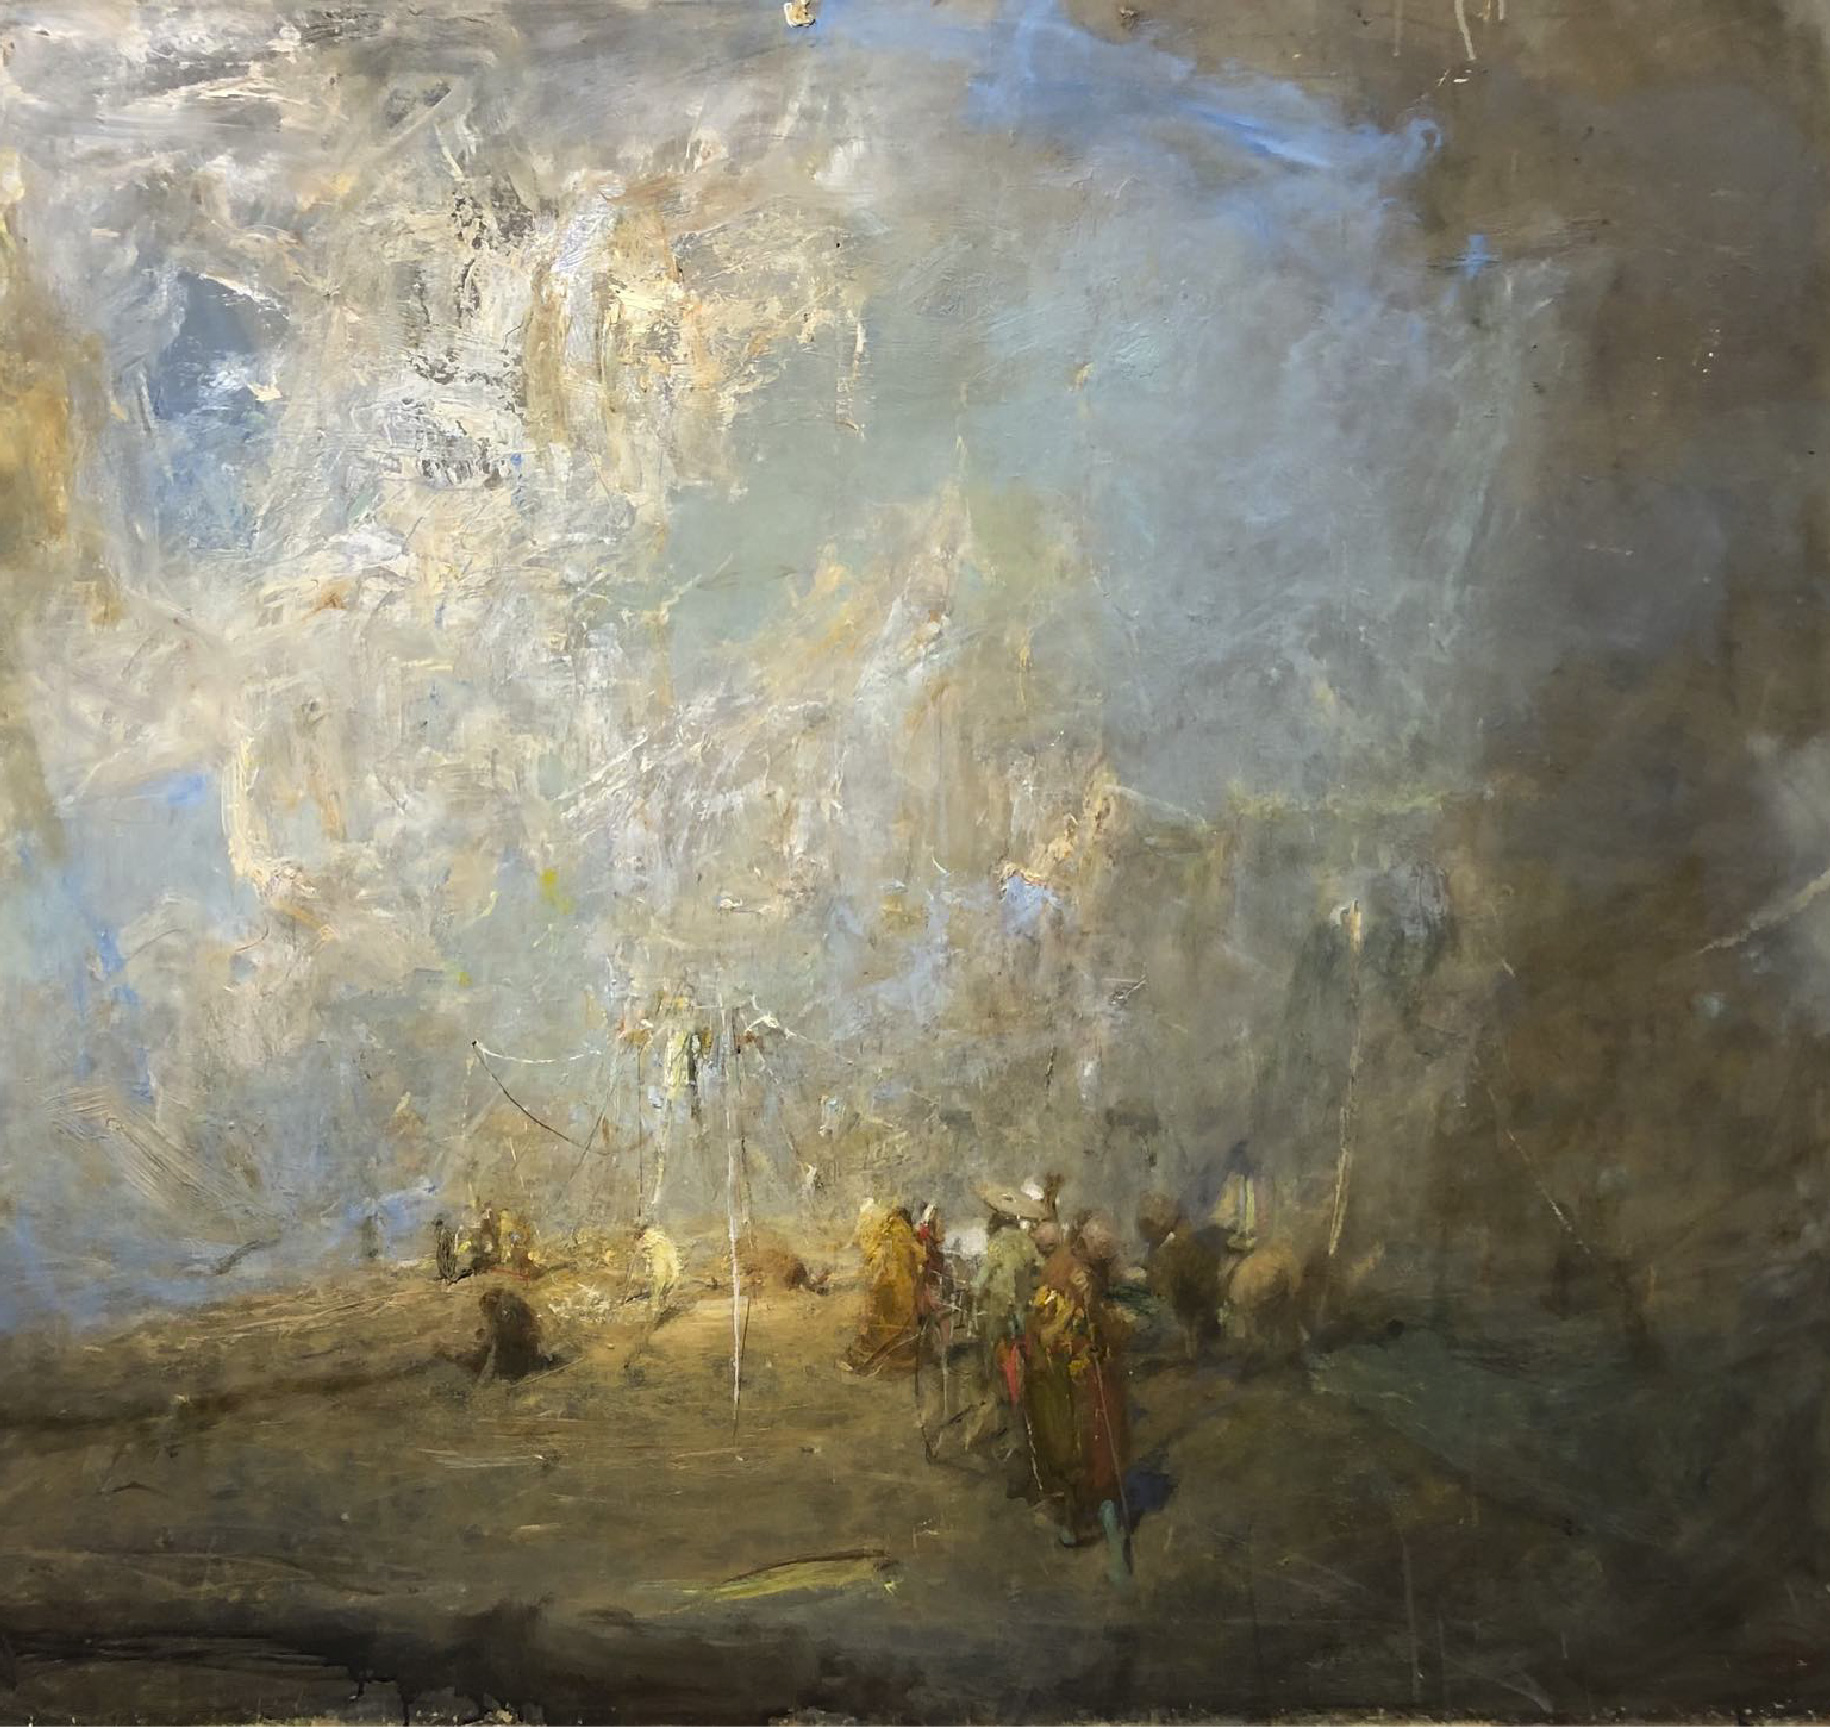 Image 6 Canvas oil 90x10cm-03